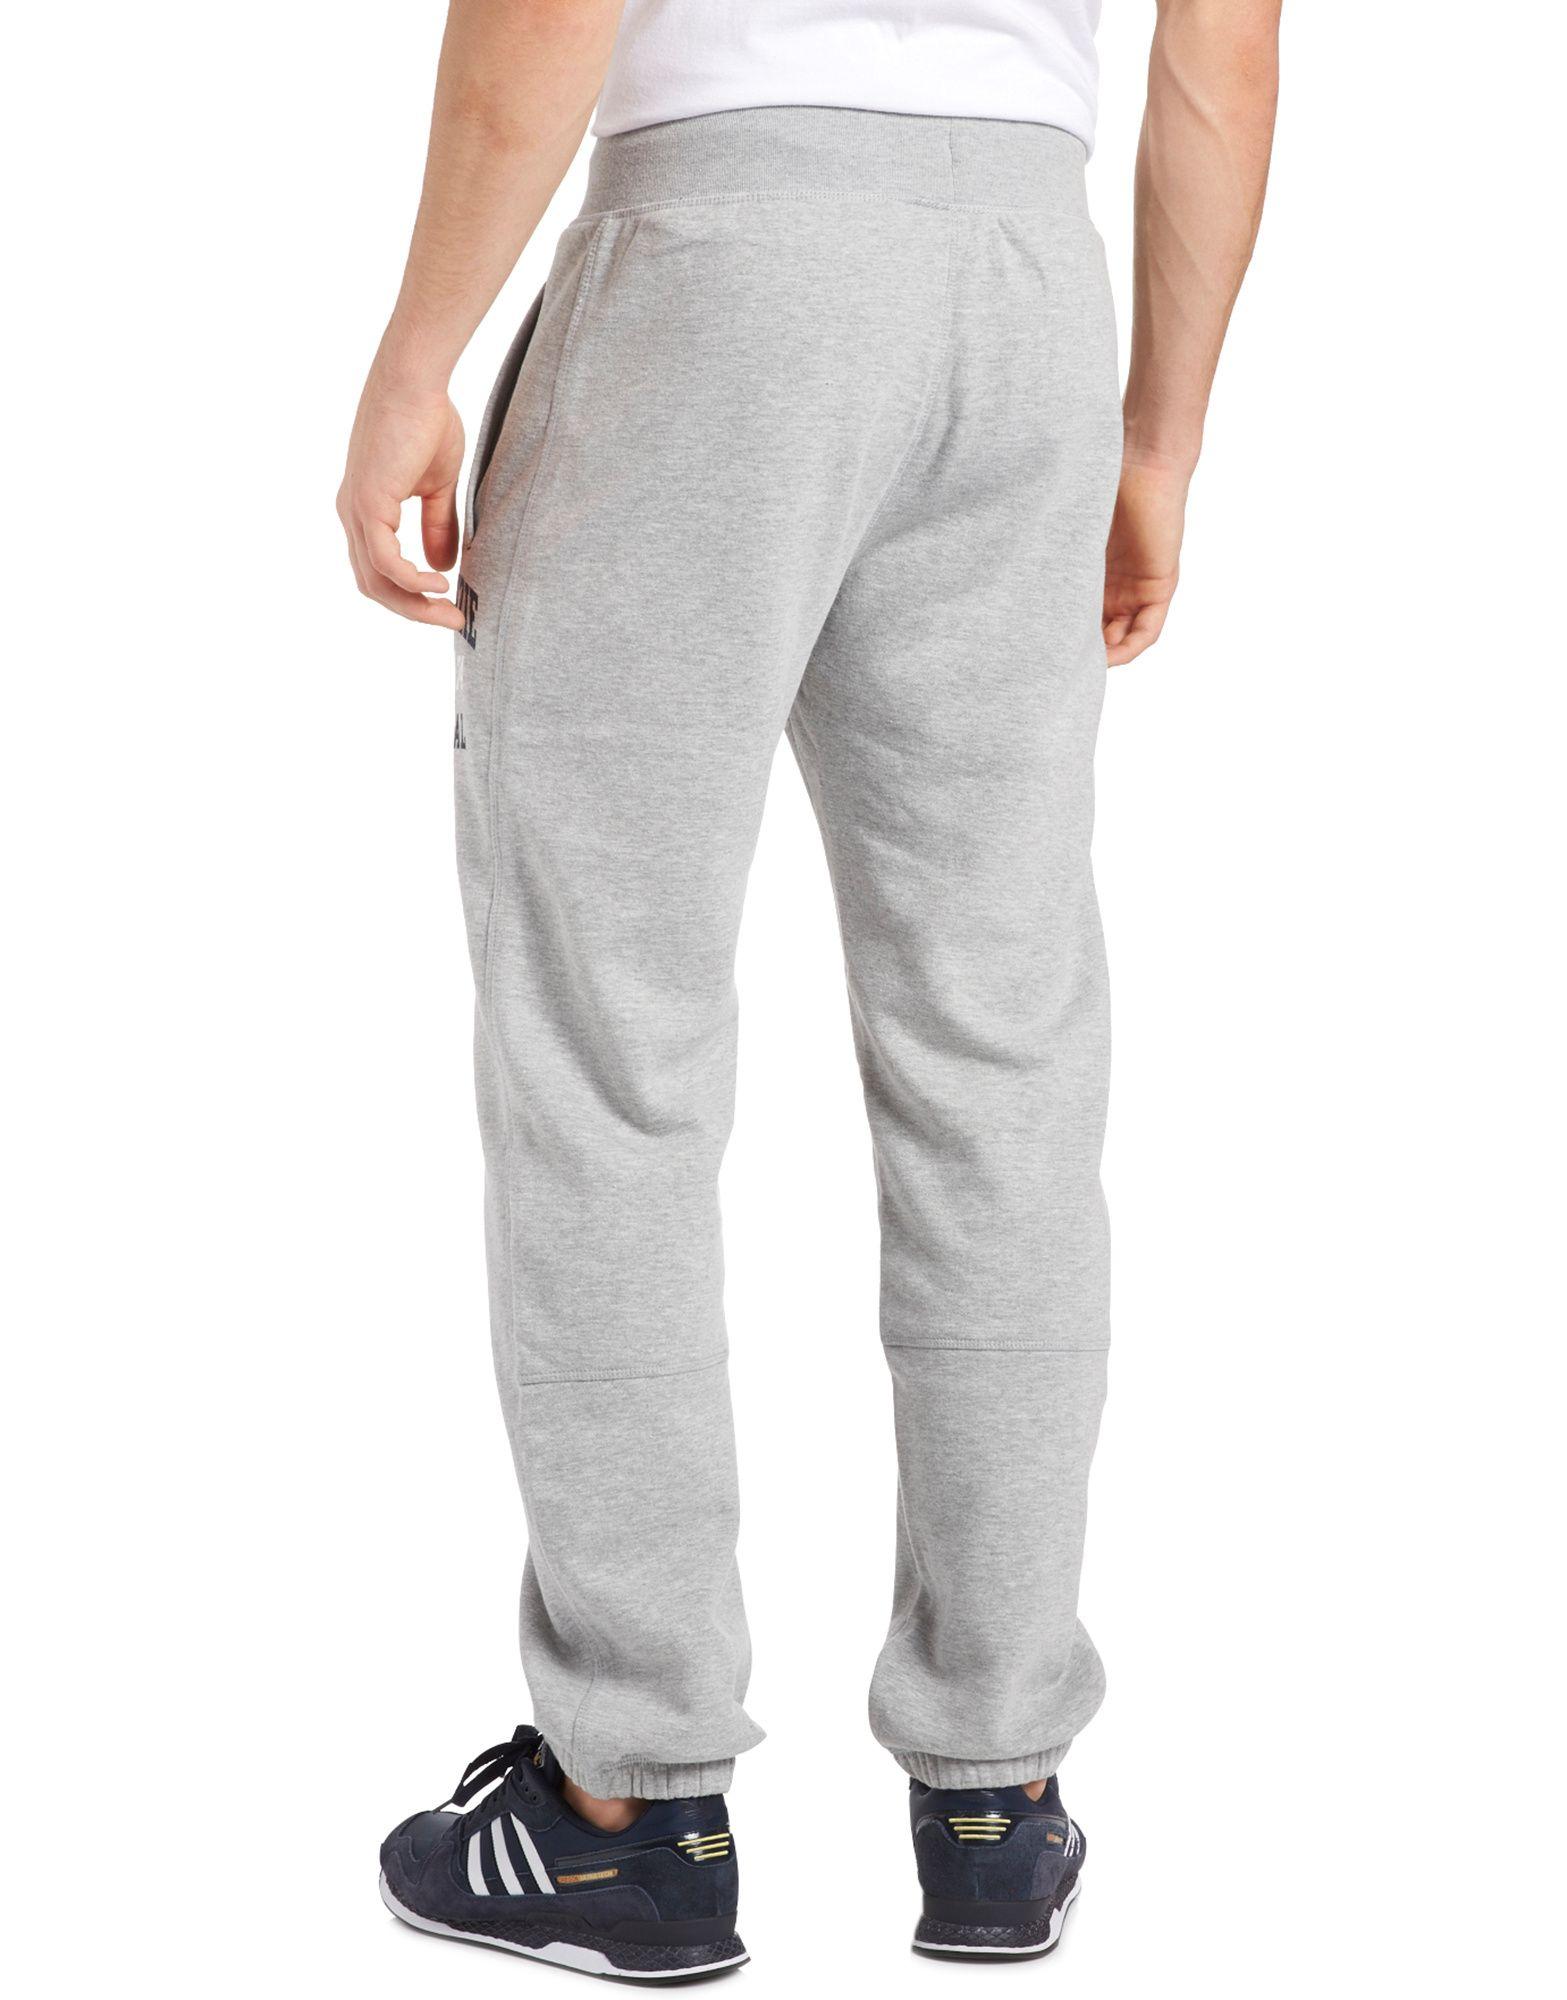 McKenzie Paramount Fleece Pants